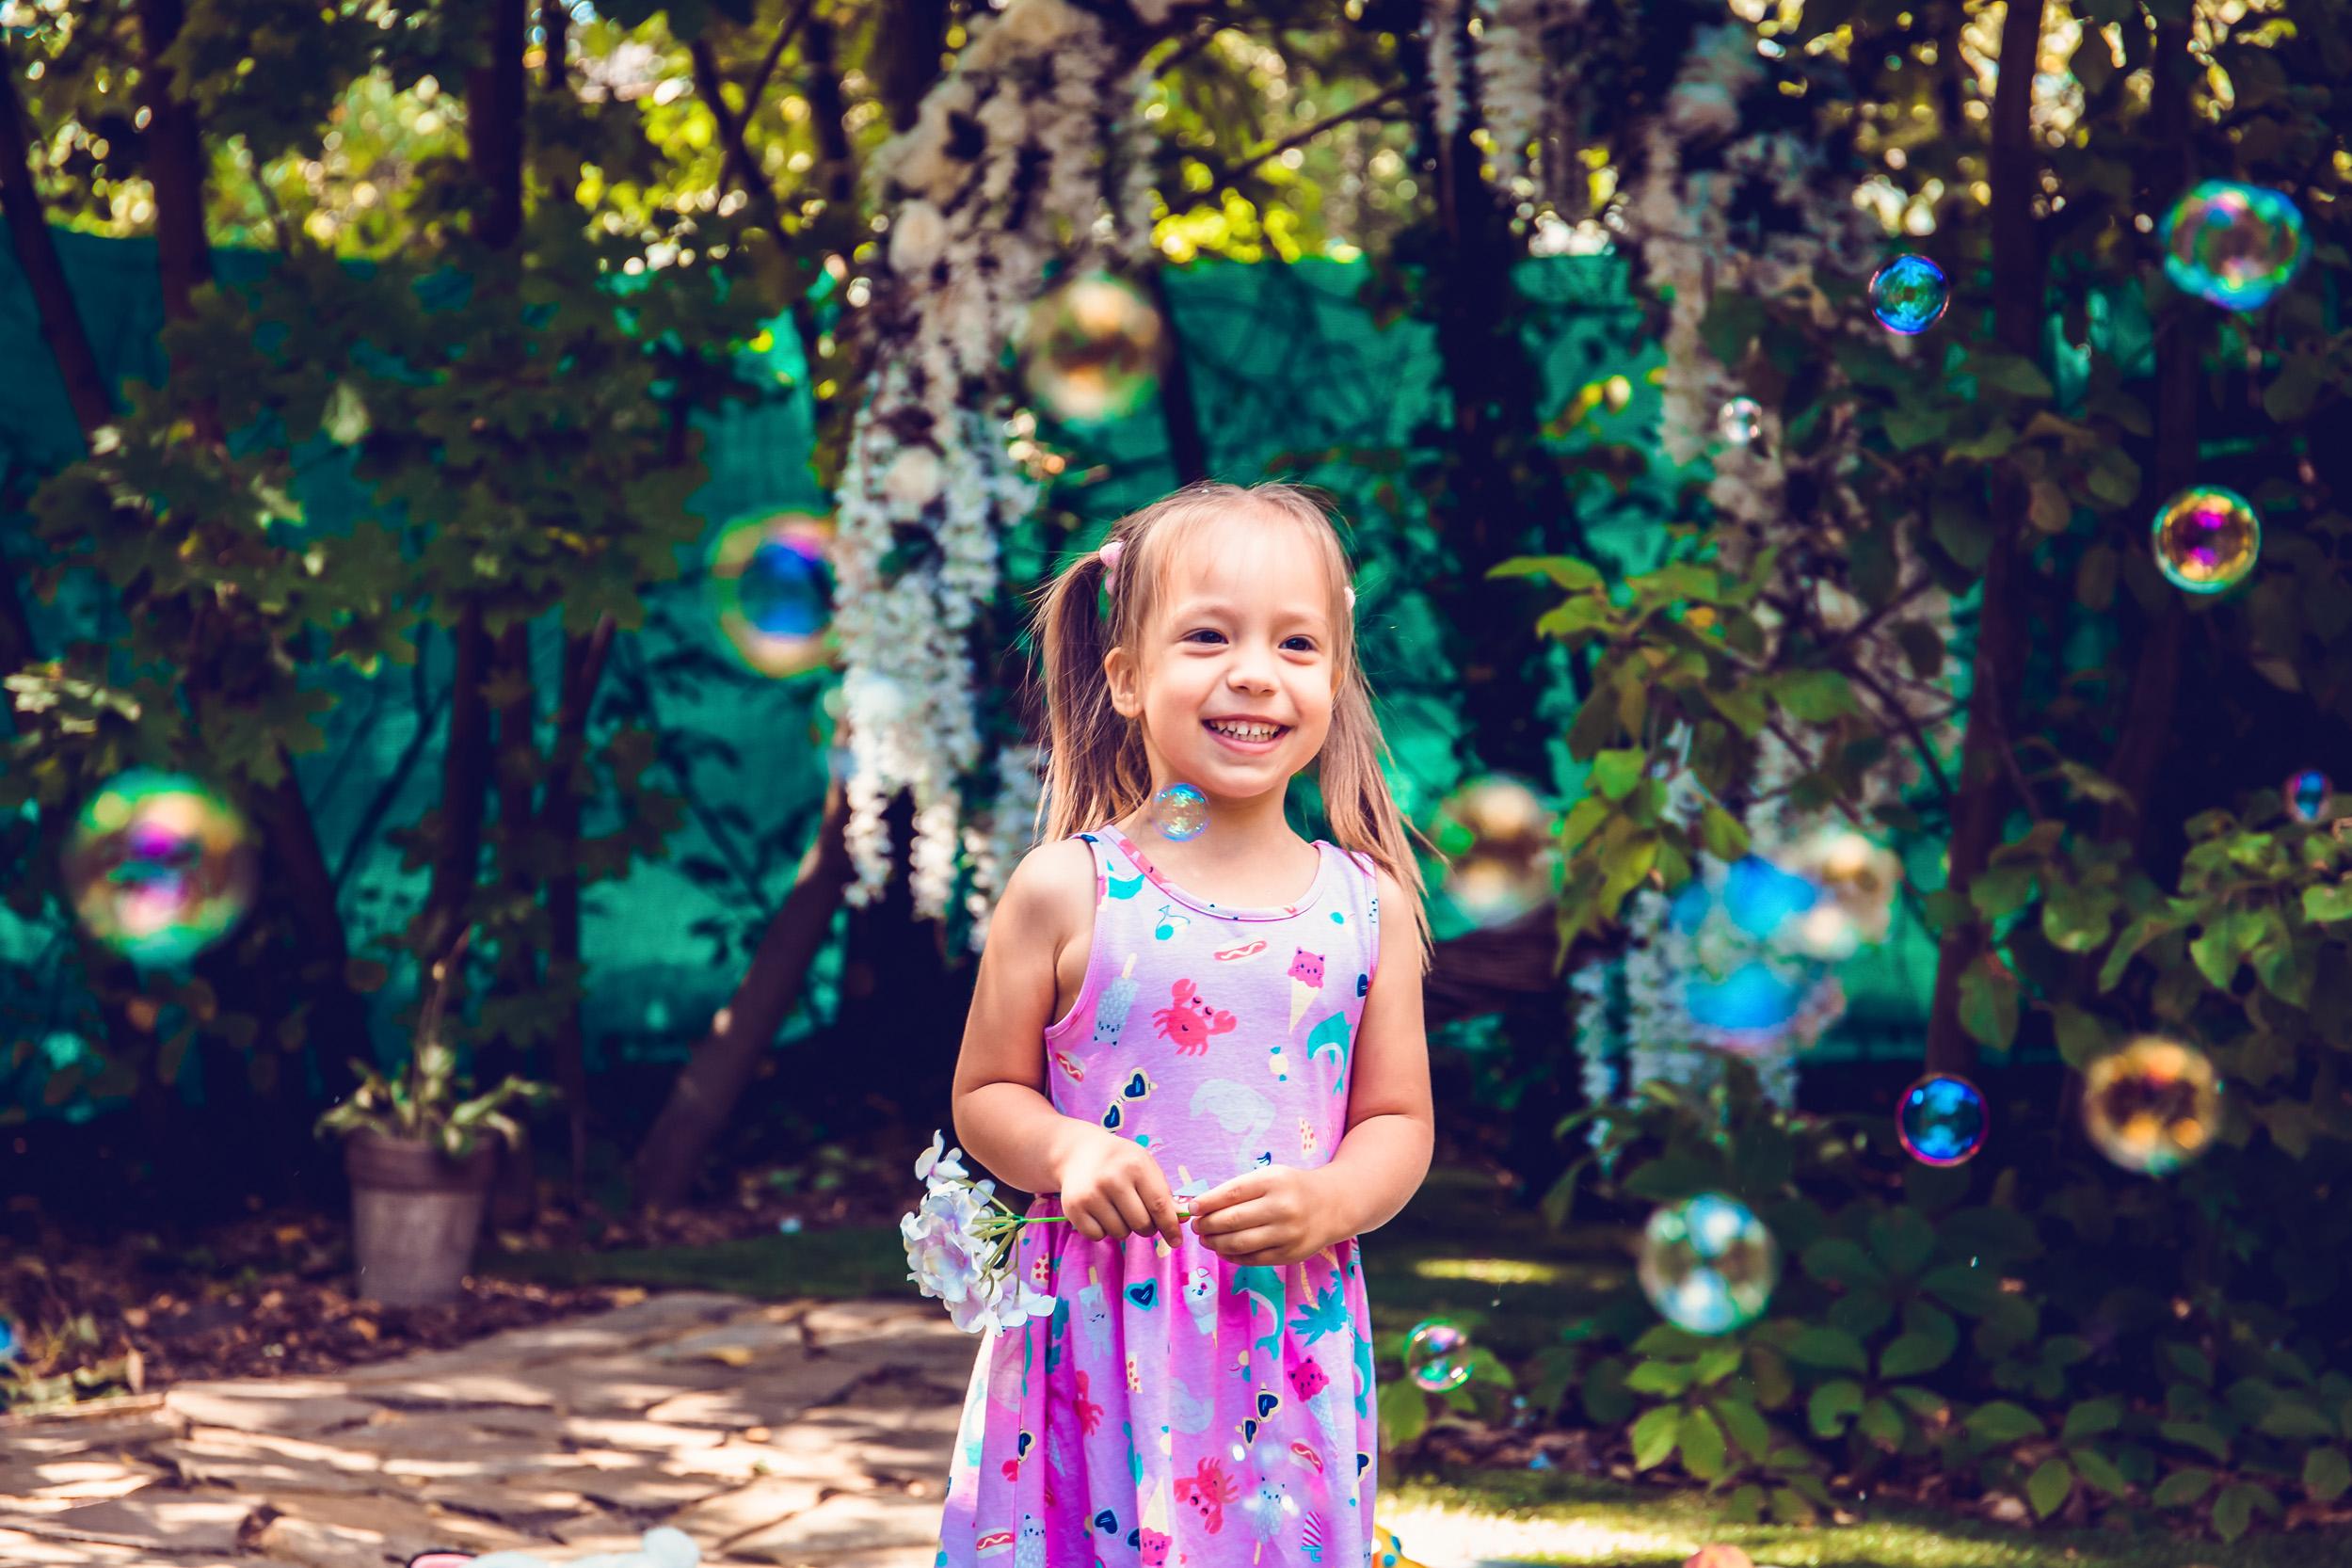 семейная фотосессия Киев фото, фотостудия Прованс фото, детская фотосессия киев фотостудия прованс